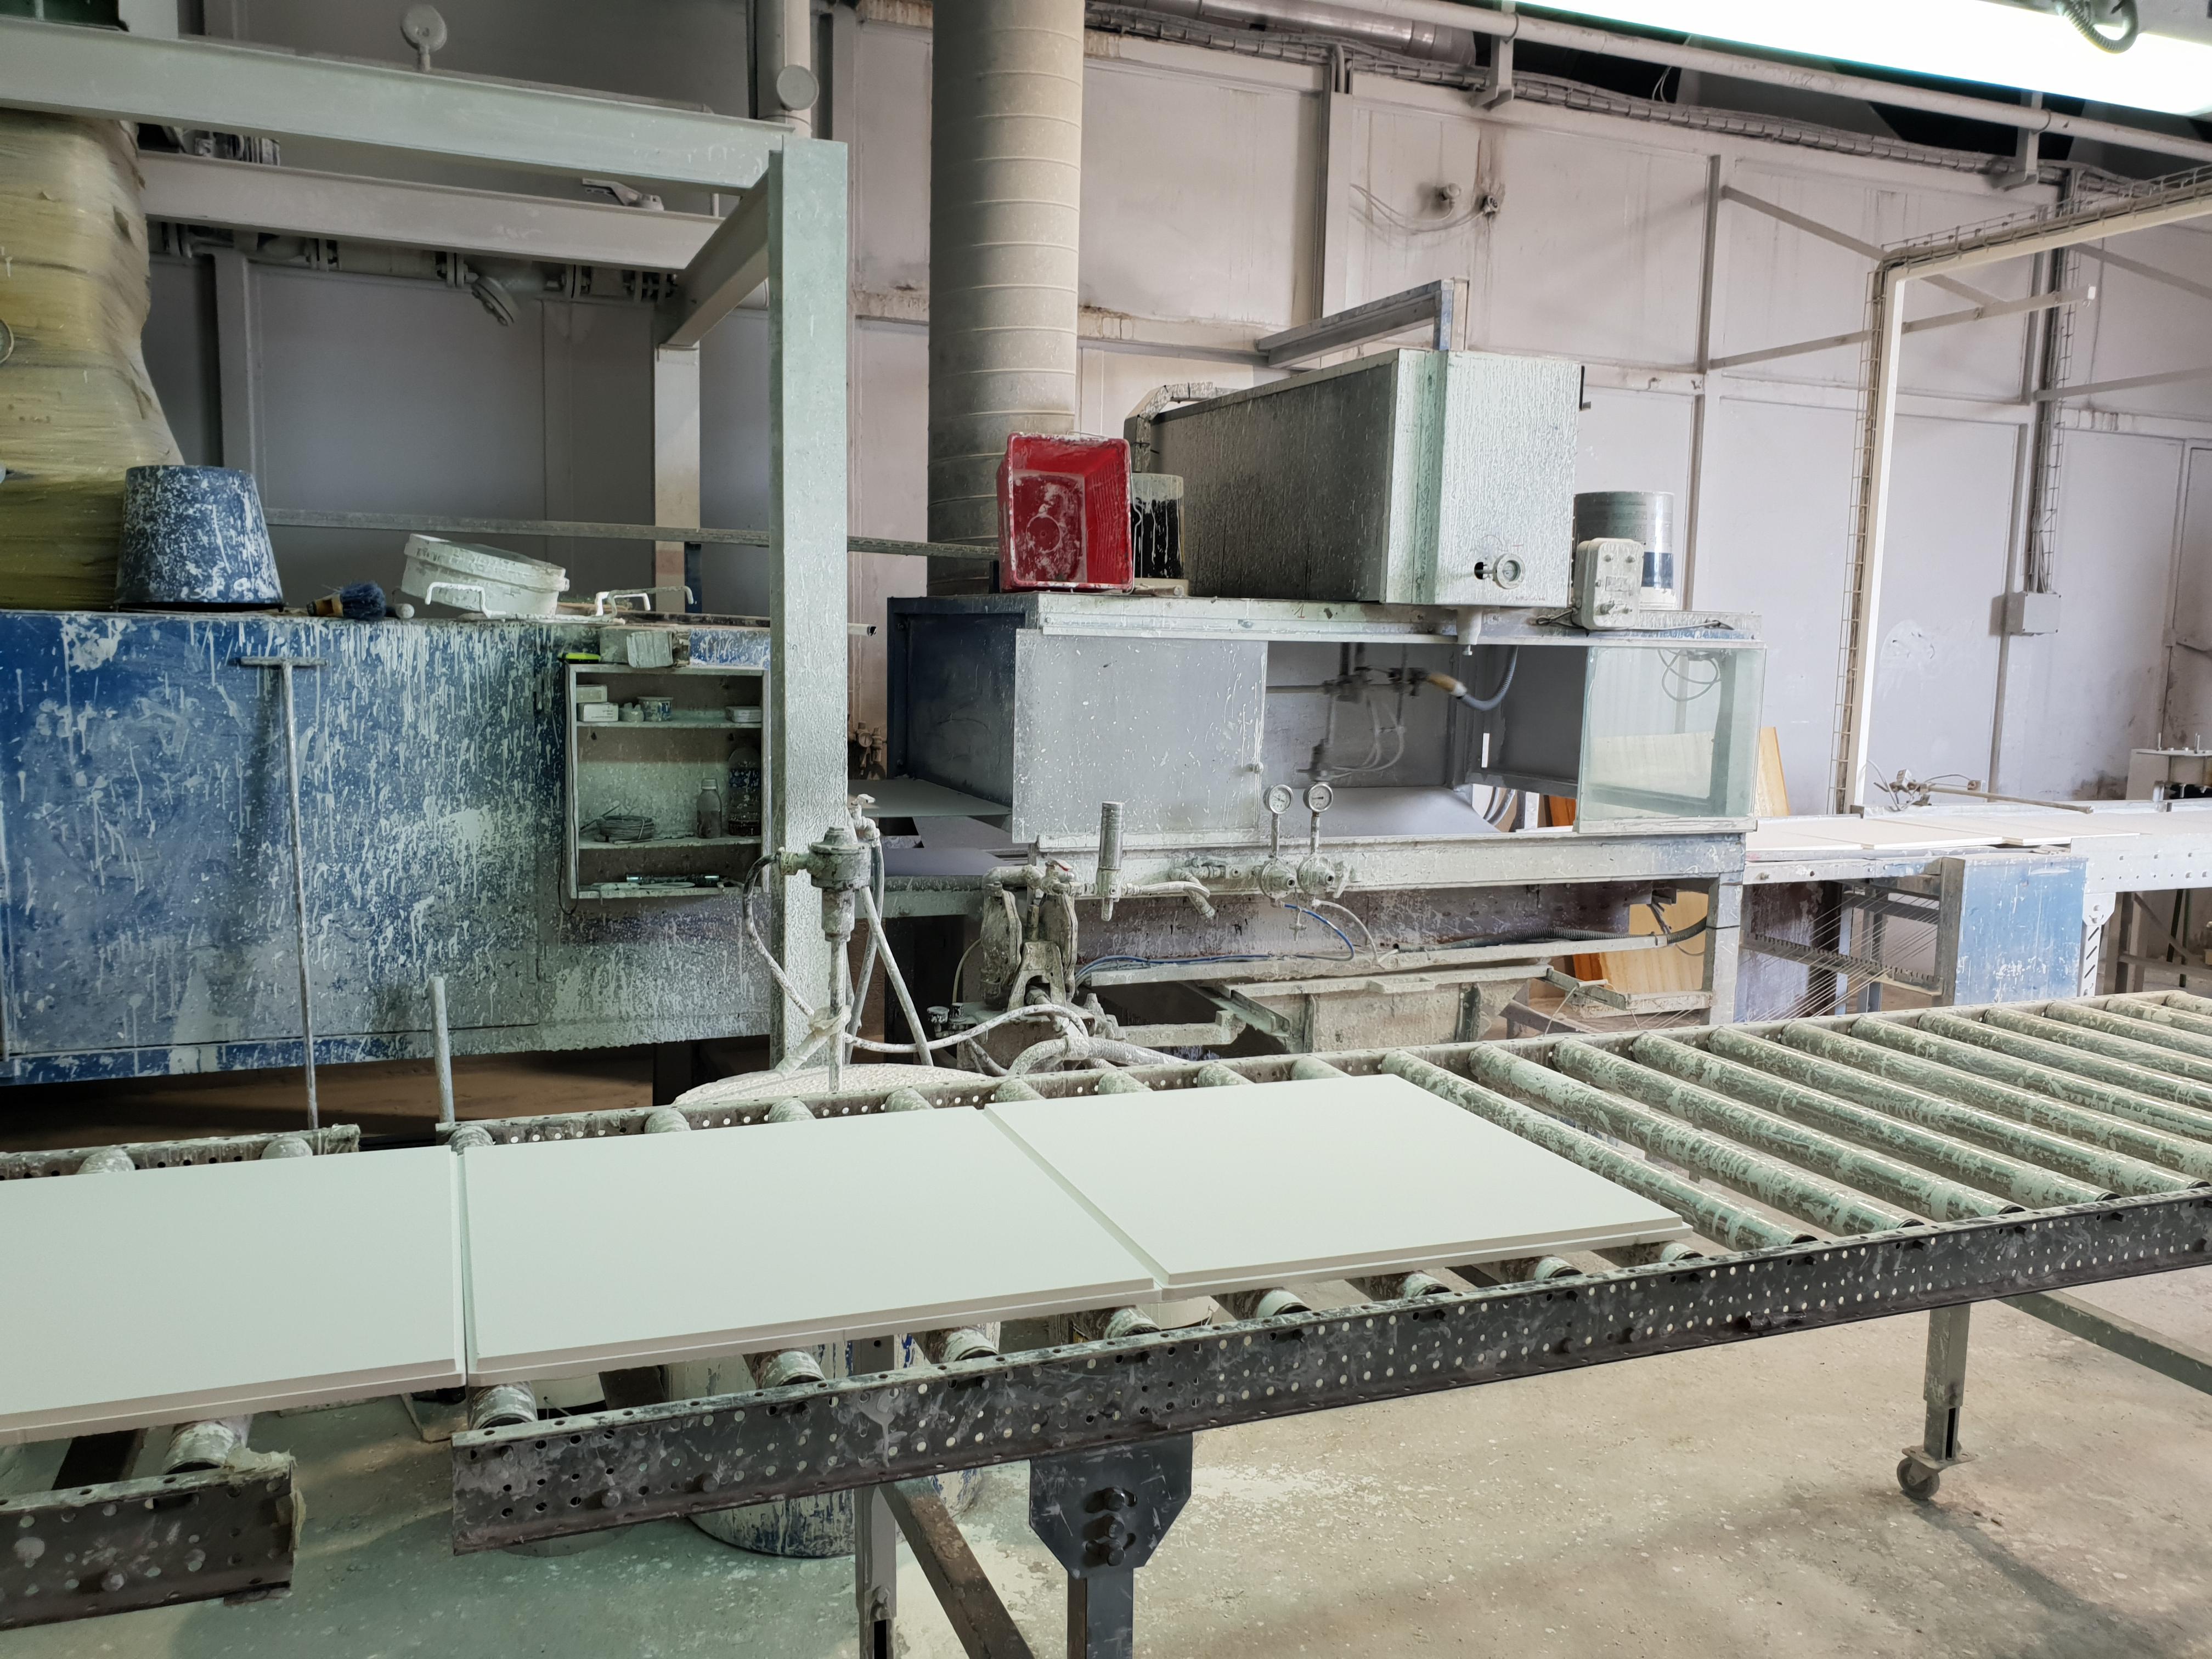 Visita de Exergy a las Instalaciones de producción de Yesyforma Máquinas